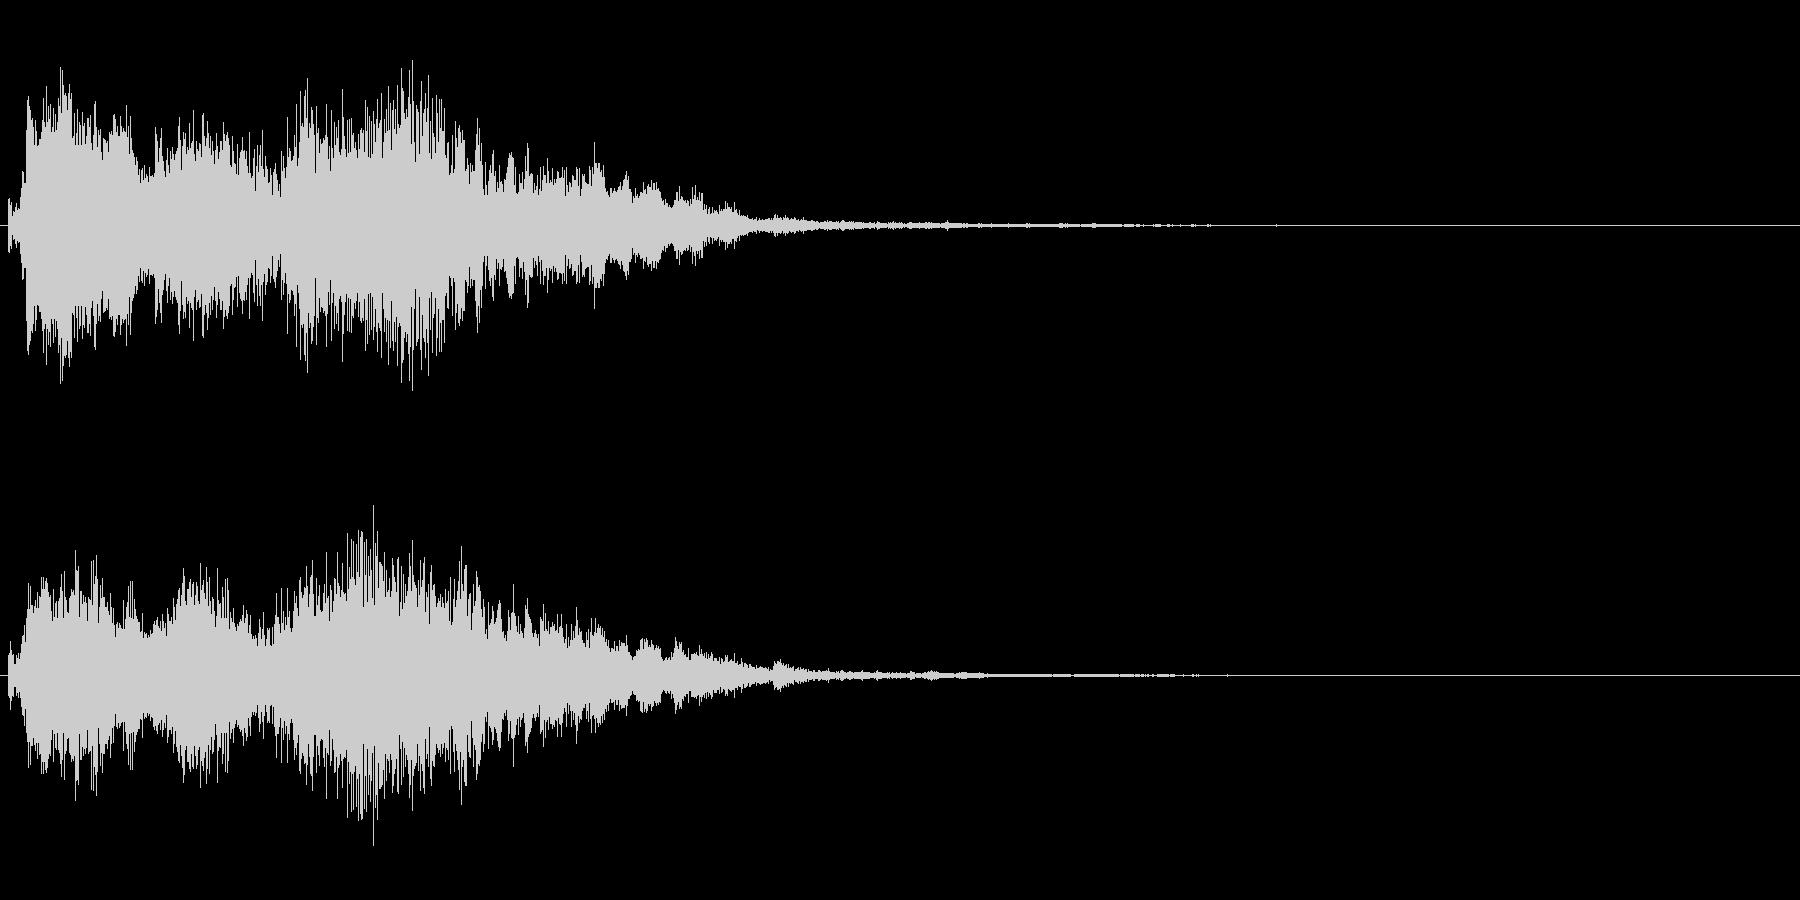 ジングル エレクトロニカ 和風の未再生の波形